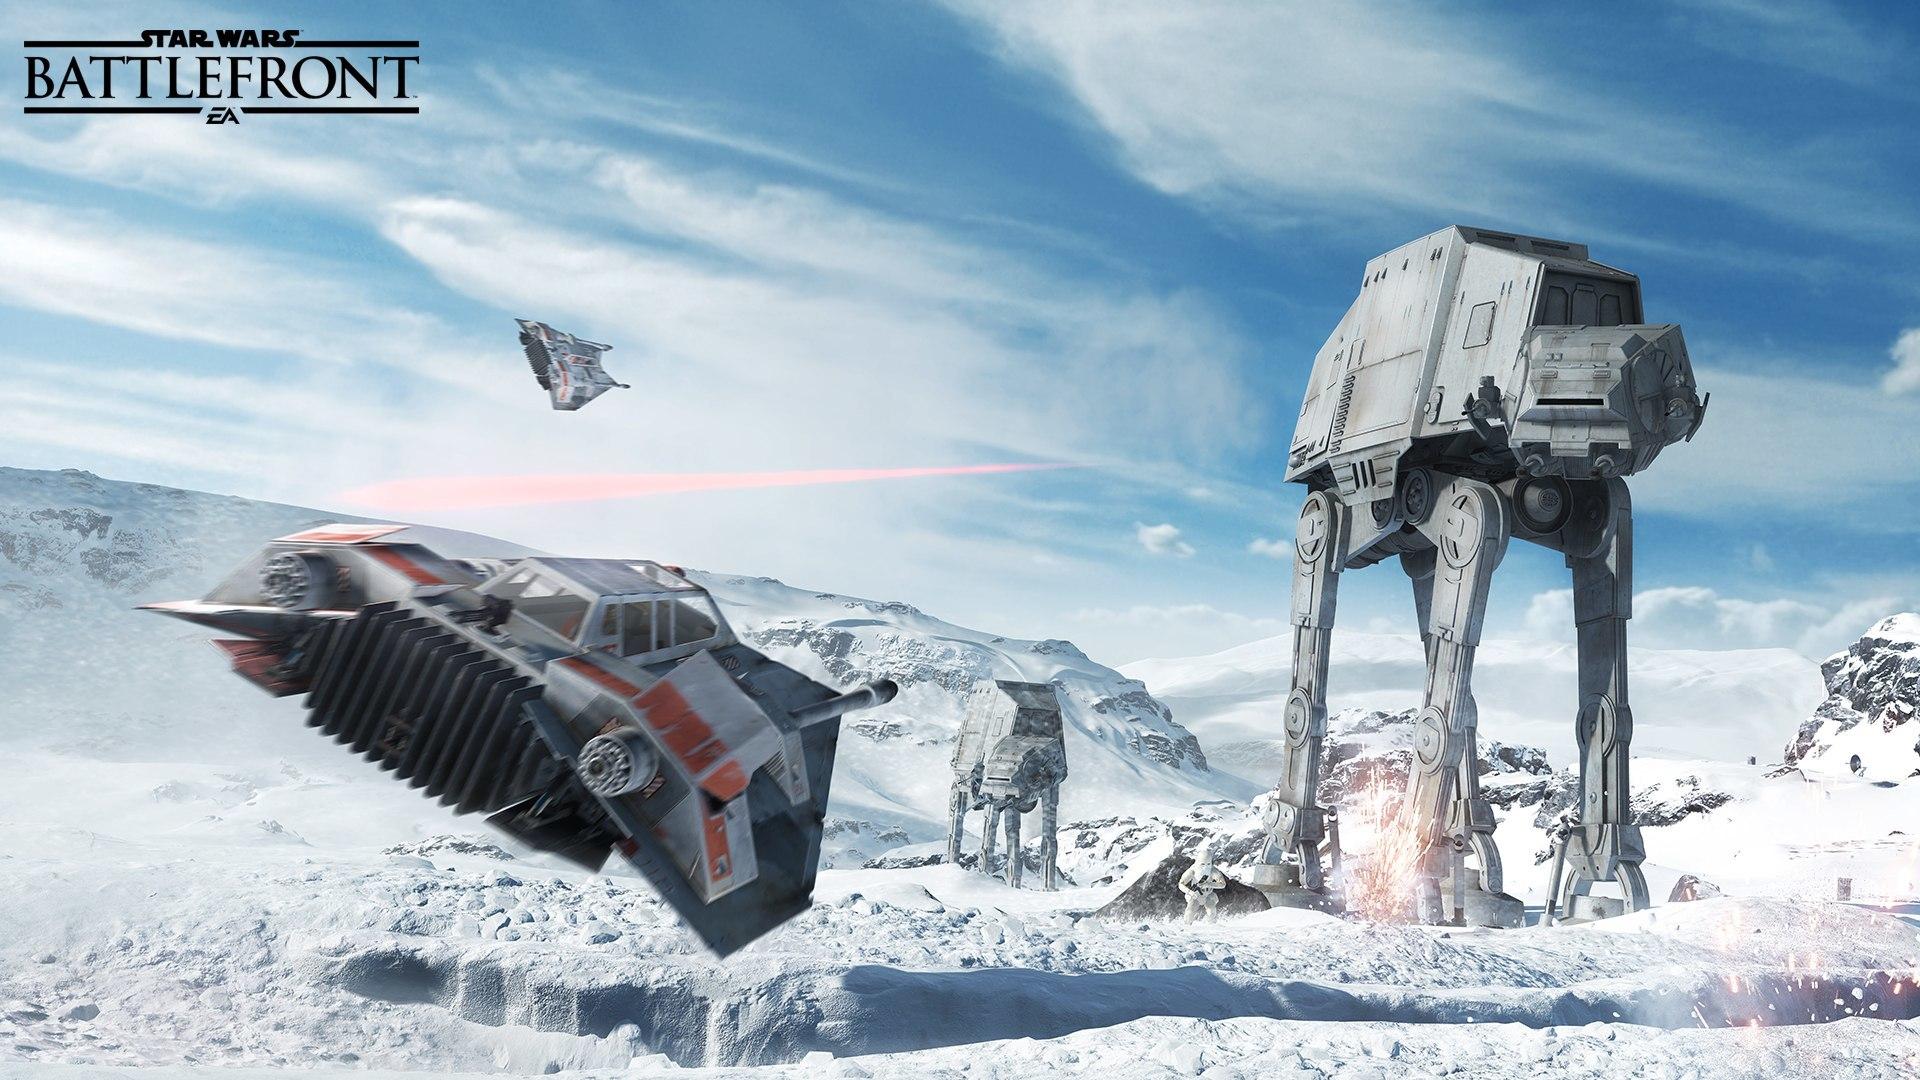 Звездные войны Battlefront на обои скачать